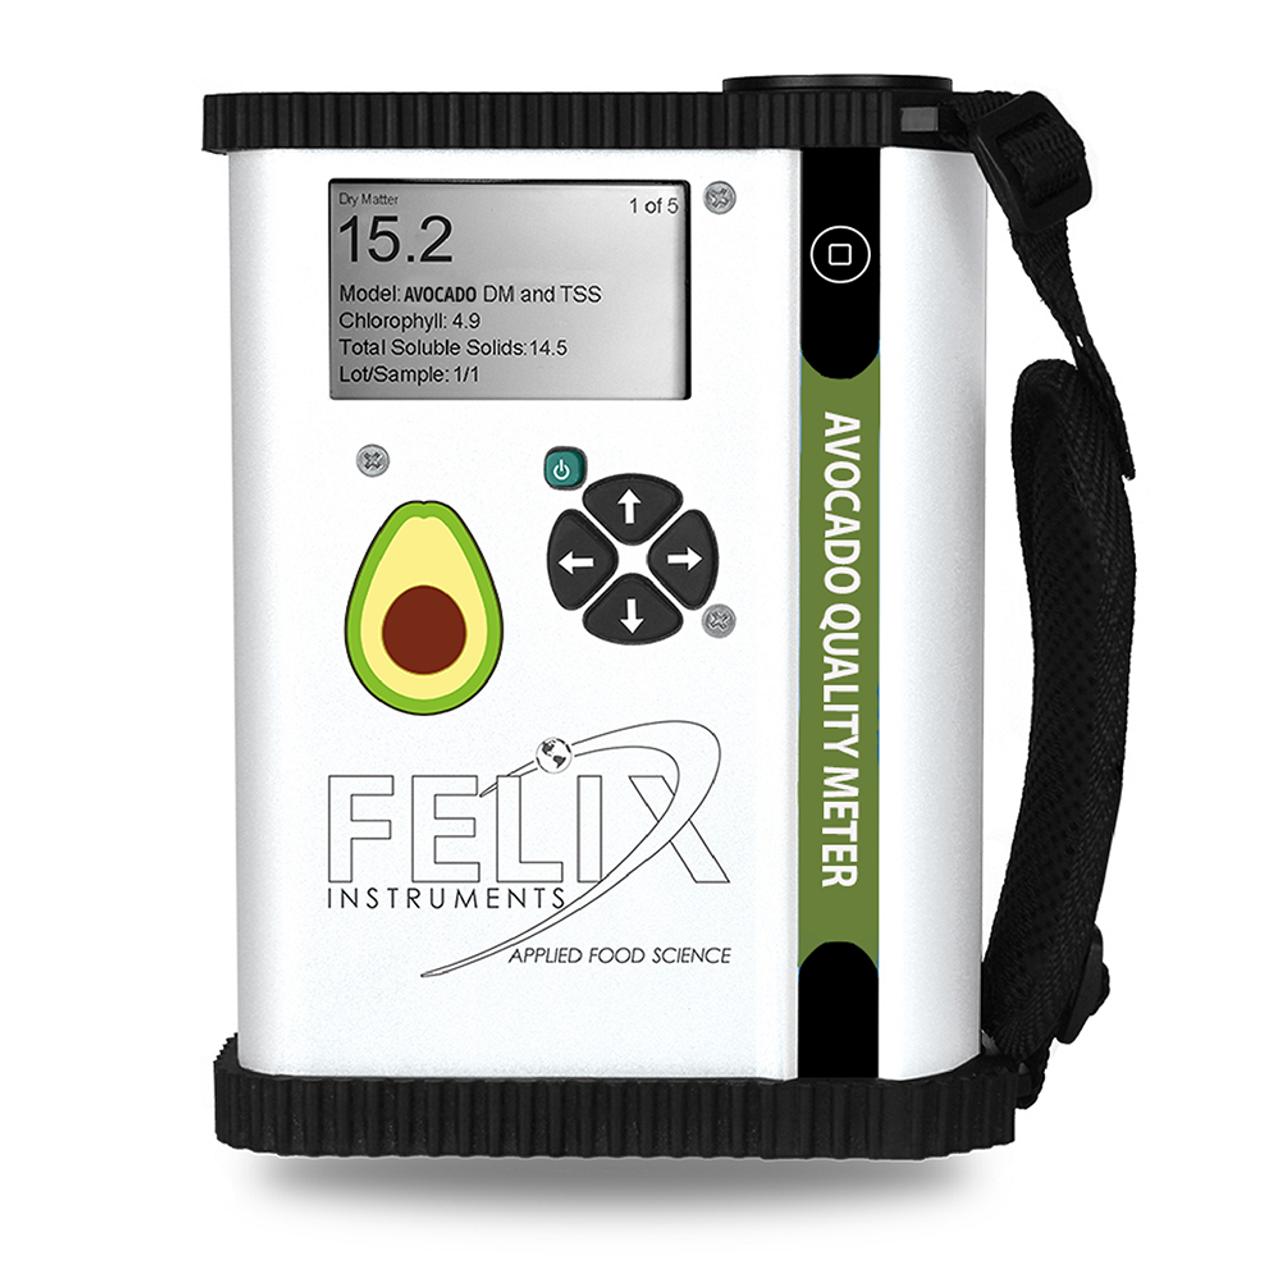 F-751 Avocado Quality Meter